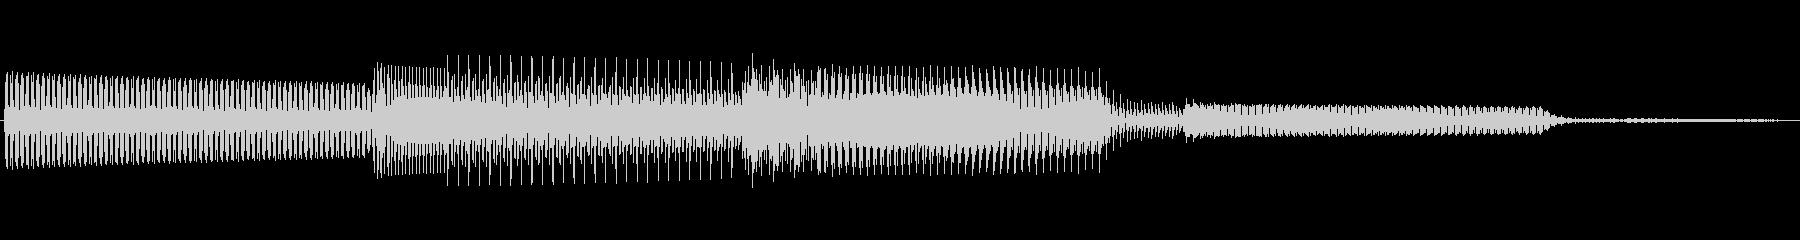 ボタン決定音システム選択タッチ登録B12の未再生の波形